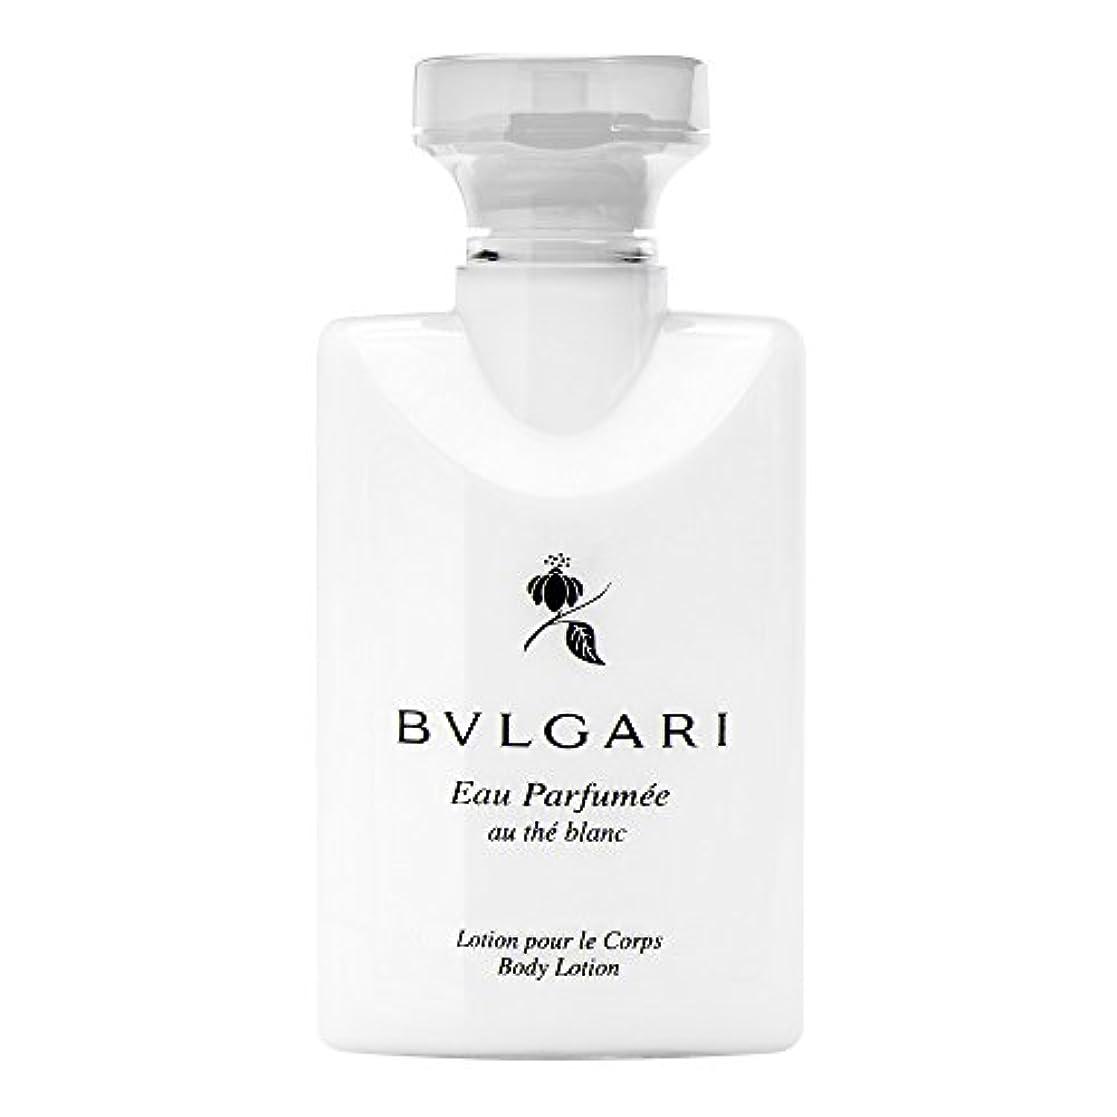 爆発物溶かすテレックスBvlgari Eau Parfumee Au The Blanc (ブルガリ オー パフュ-メ オウ ブラン) 2.5 oz (75ml) Body Lotion ボディーローション